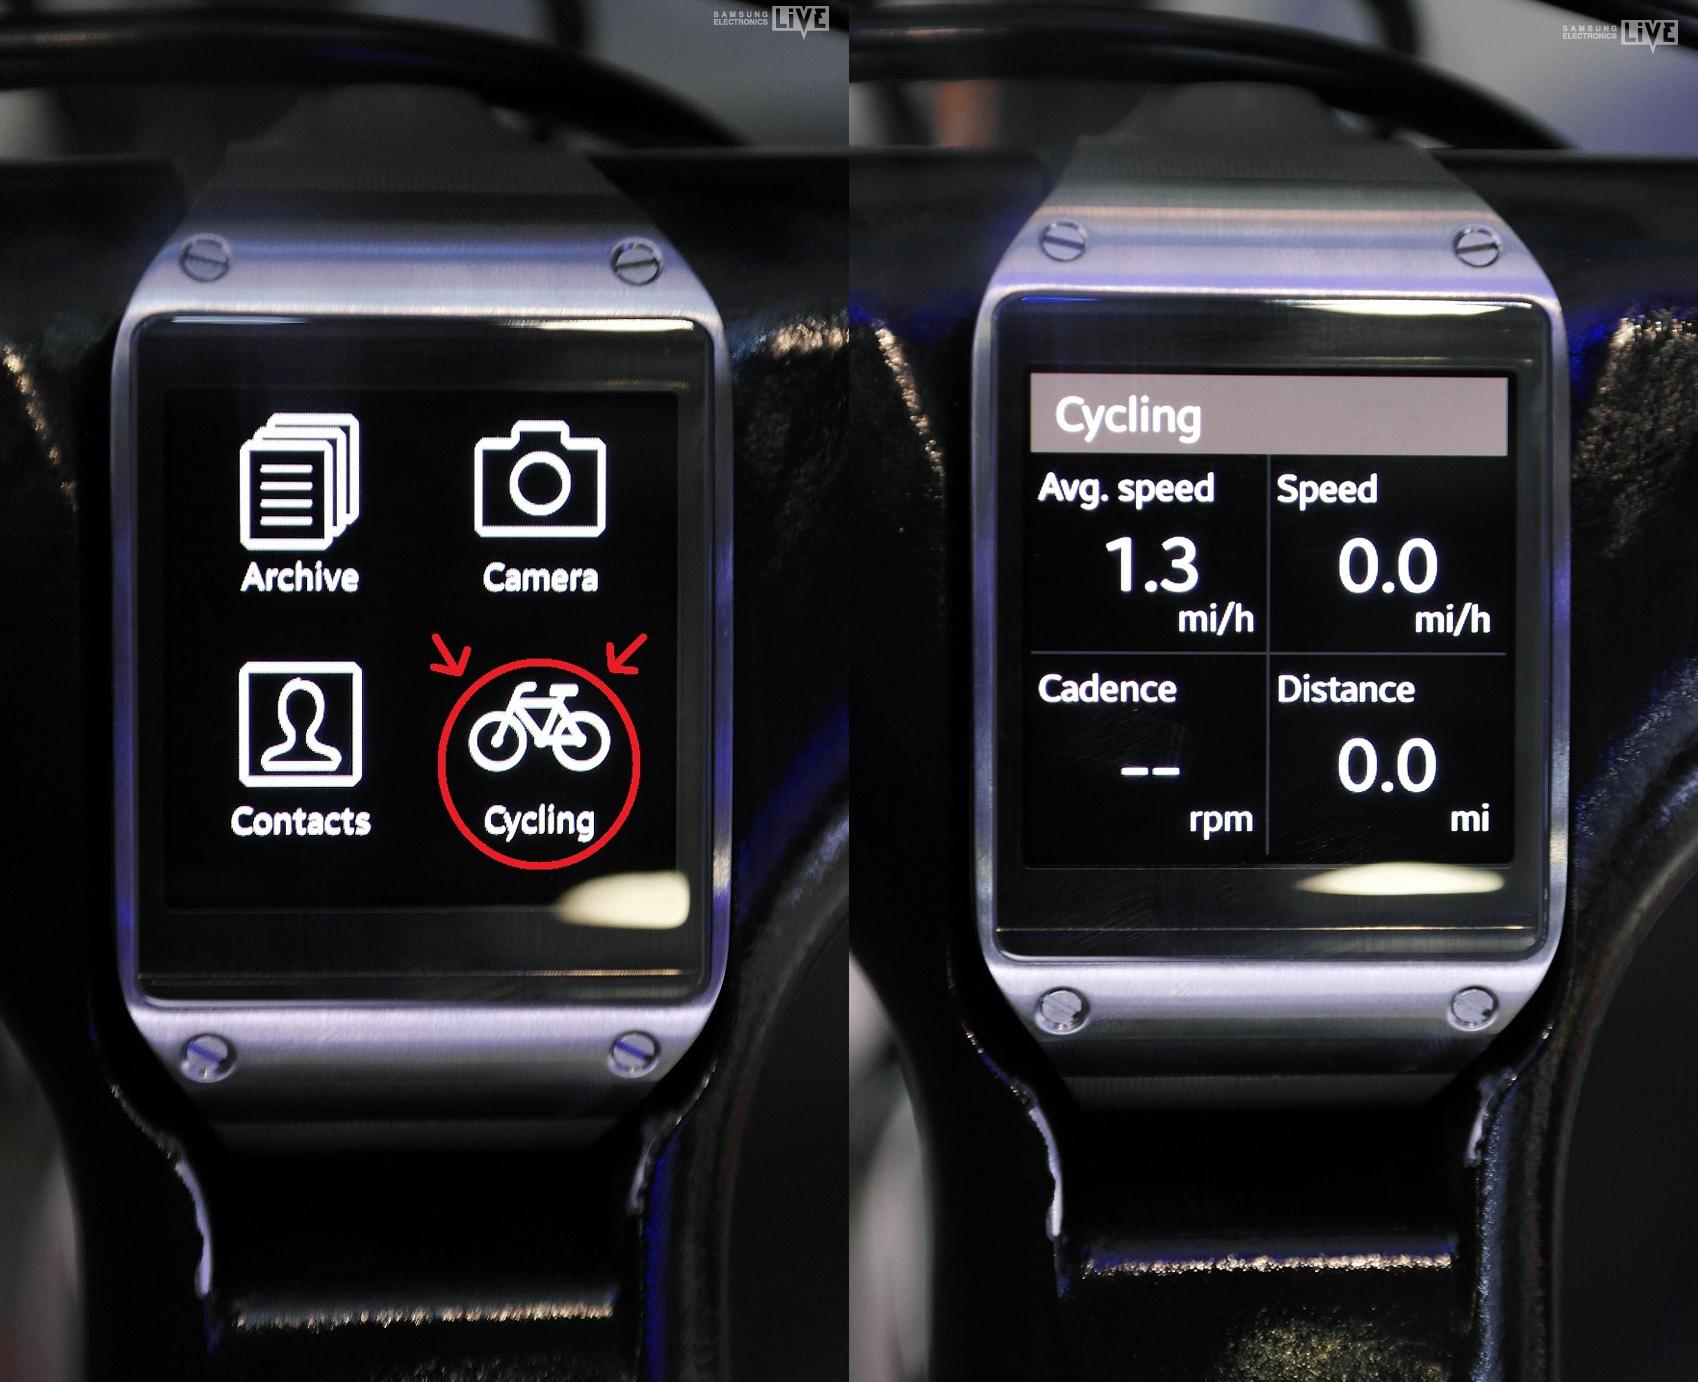 속도, 이동거리를 체크할 수 있는 Cycling App 사진 입니다.